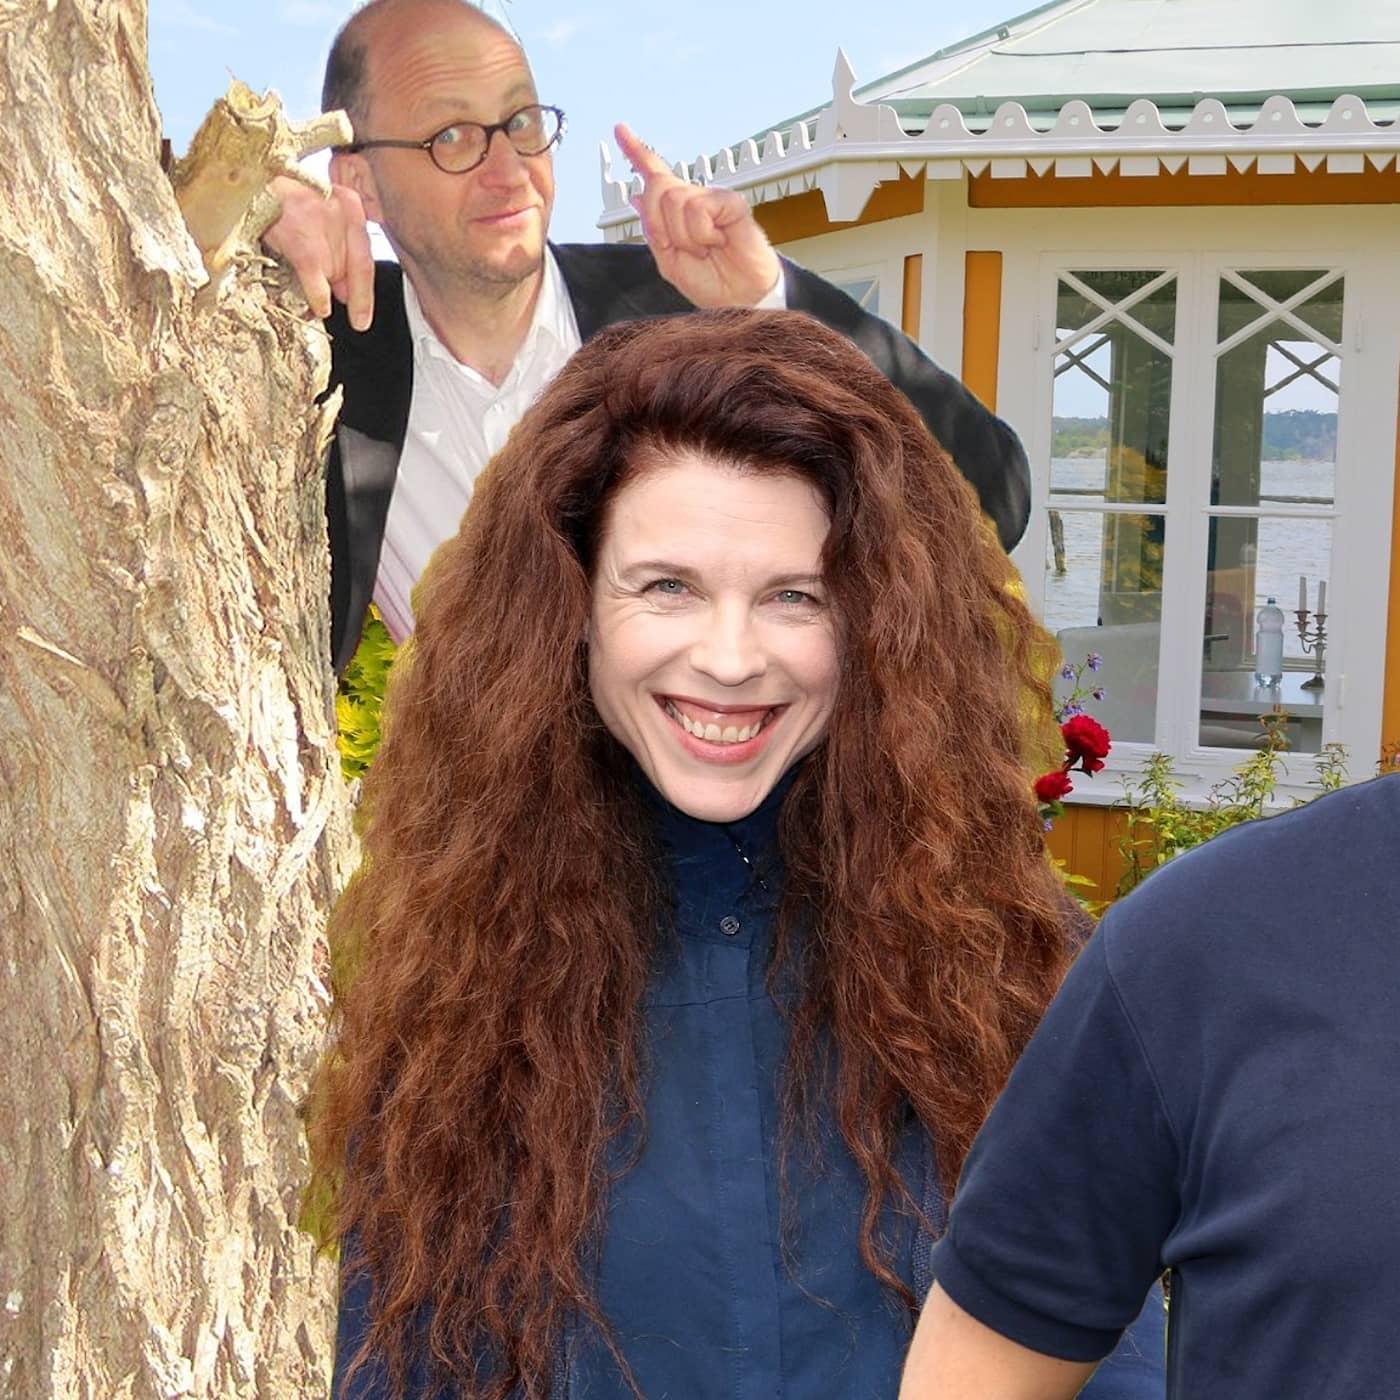 Säsongsavslutning för Spanarna!I panelen: Jessika Gedin, Per Naroskin och Göran Everdahl